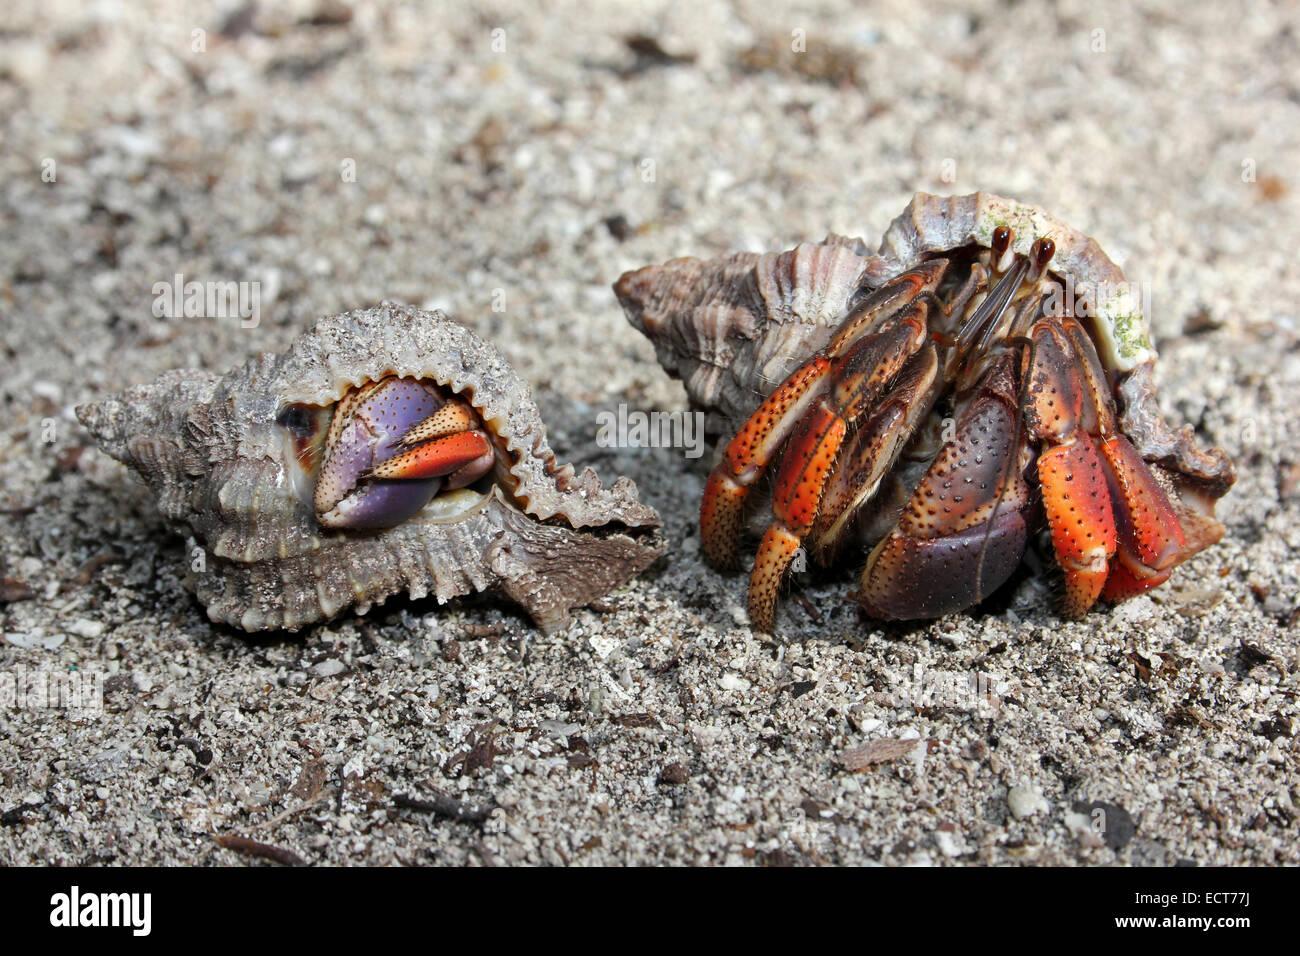 Caribbean Hermit Crab Coenobita clypeatus - Stock Image